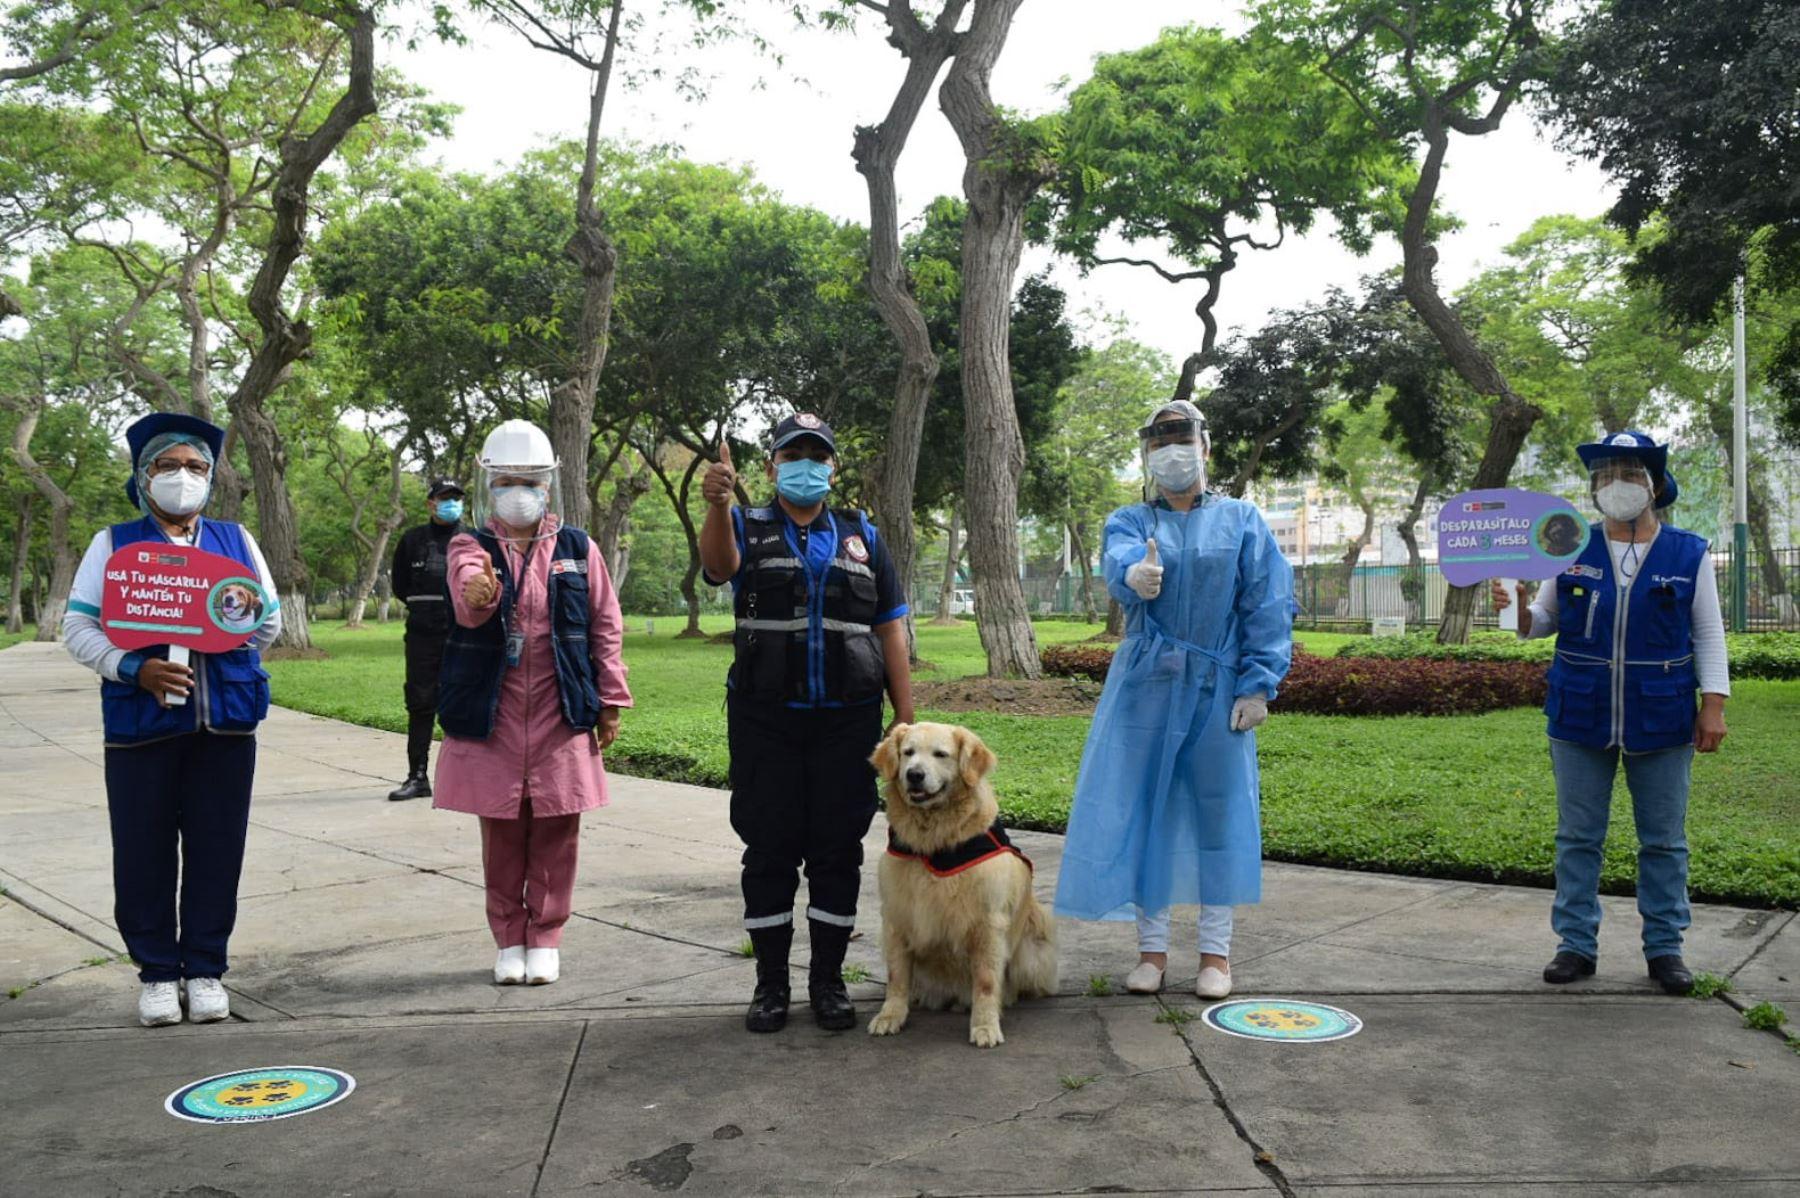 Minsa insta a la población a vacunar a sus canes para evitar el riesgo de rabia en humanos. Foto: Minsa